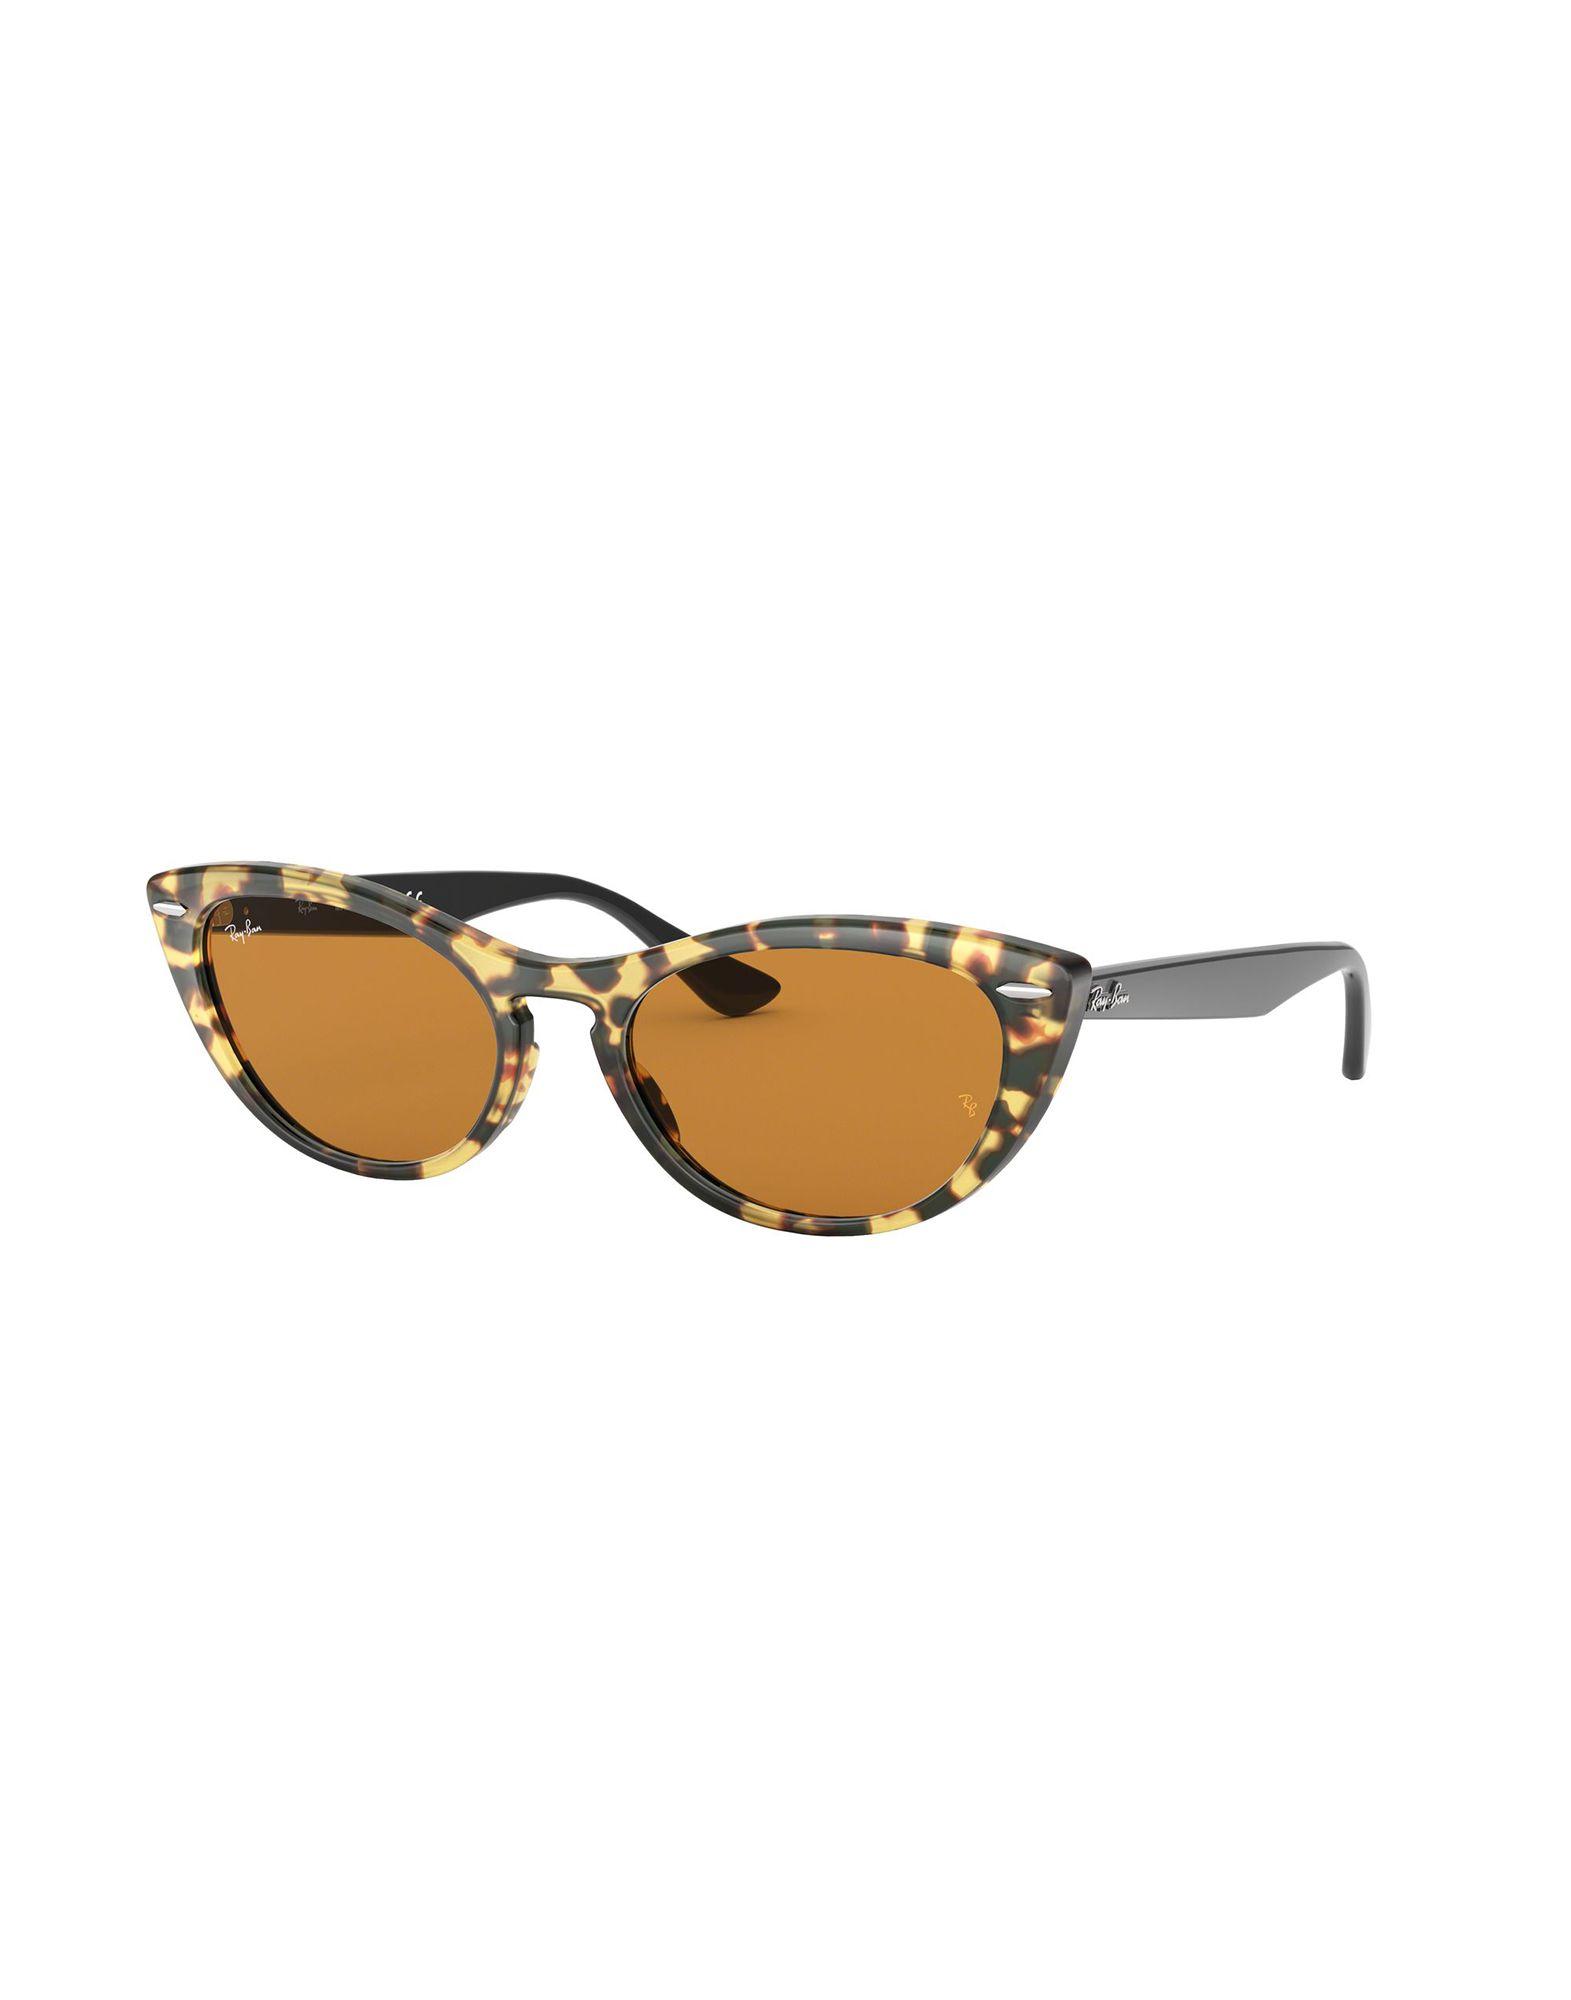 RAY-BAN Солнечные очки бусины monisto стекло кошачий глаз круглые 4мм оранжевый около 66шт нить 14z7738